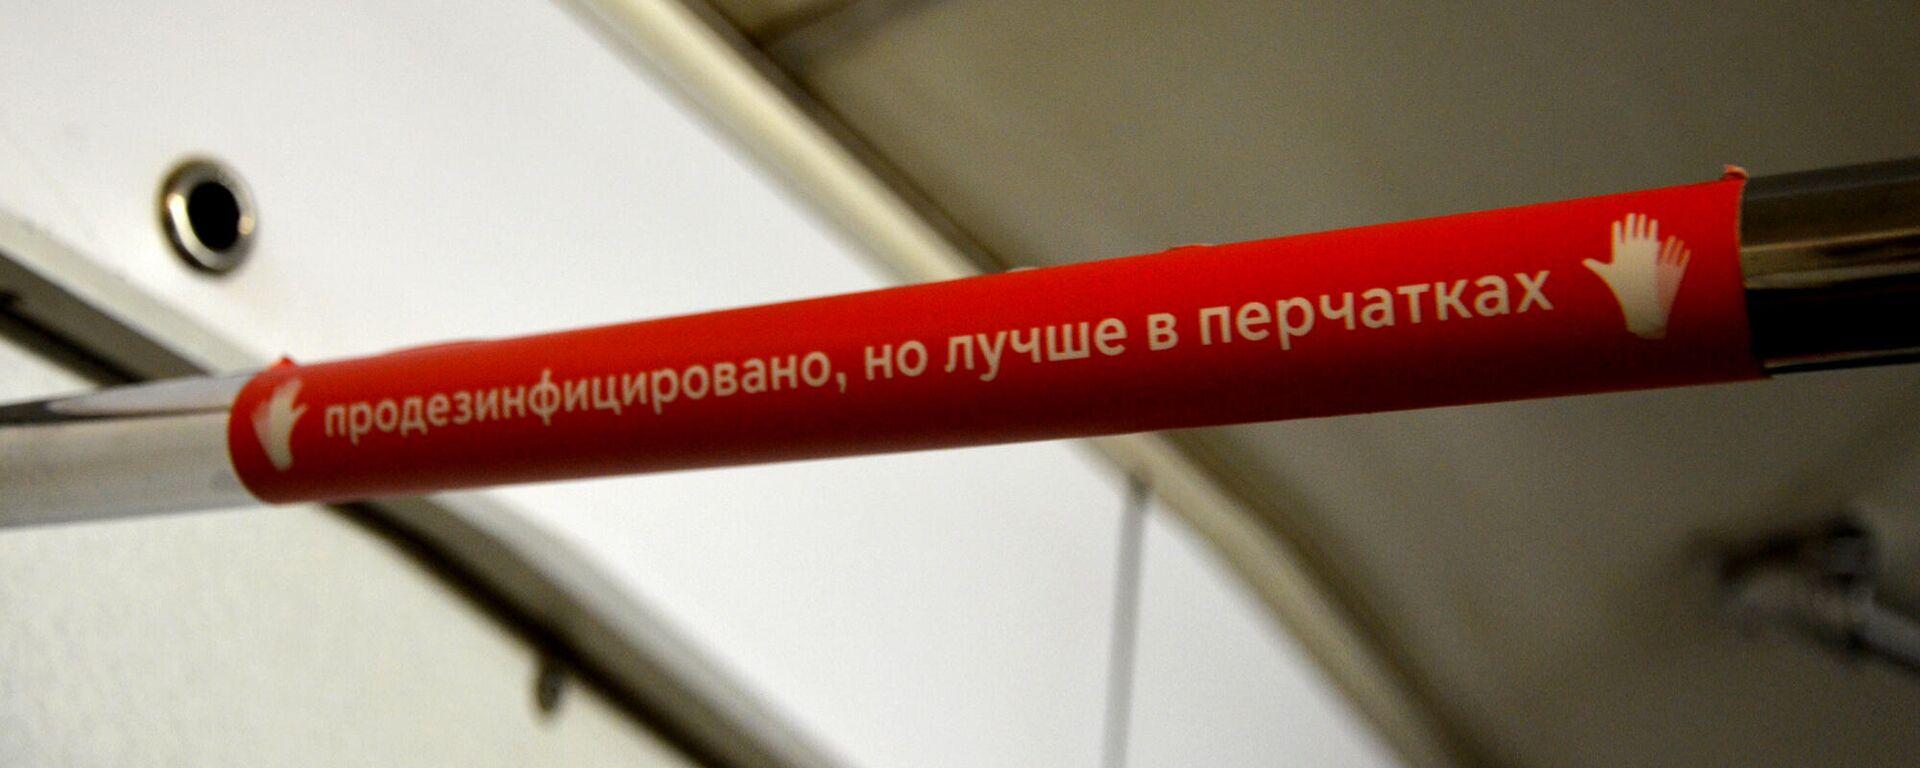 Coronavirus in Russia - scorrimano metropolitana di Mosca, agosto 2021: Disinfettato, ma meglio con i guanti - Sputnik Italia, 1920, 27.09.2021